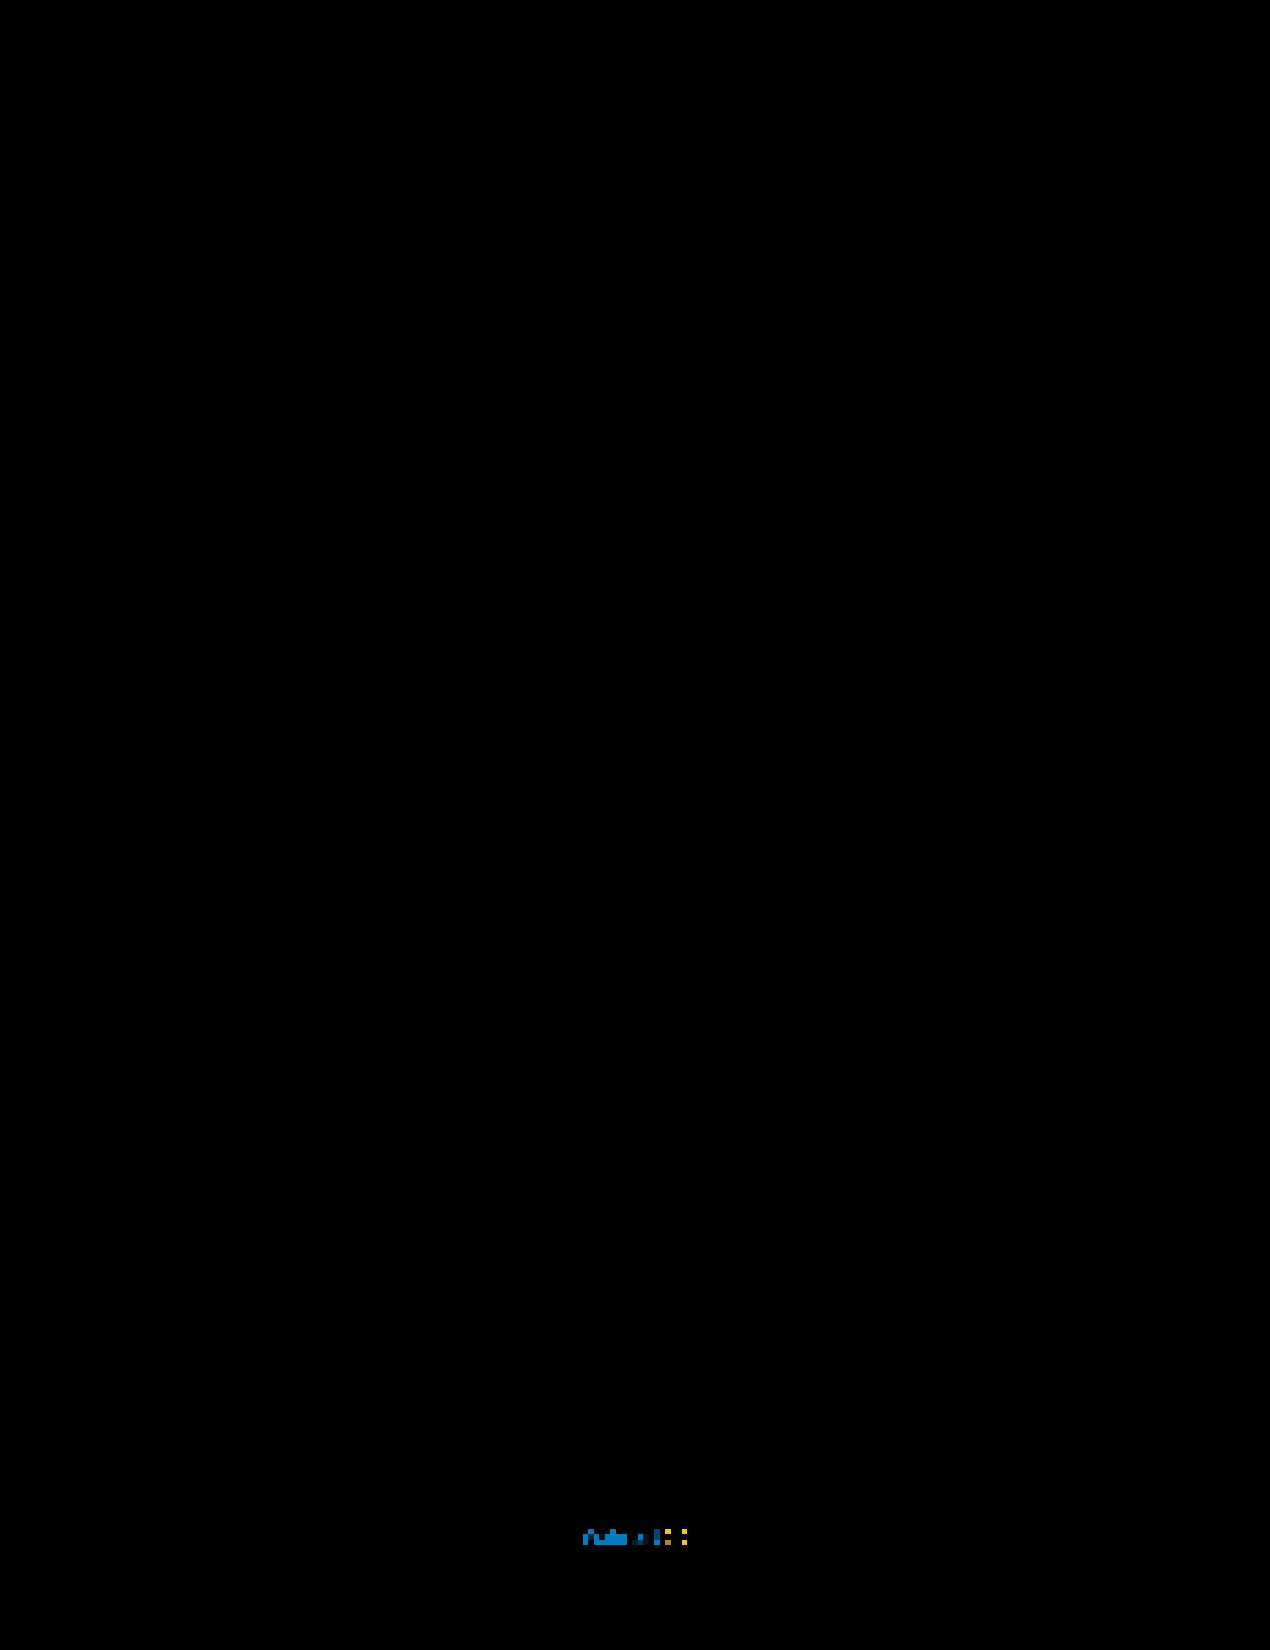 case sears roebuck and co vs wal mart stores inc Case study i: sears, roebuck and co vs wal-mart stores, inc chao han junliang shi zhongyi hu 2/25/2015 azusa pacific university case study i: sears, roebuck and co vs wal-mart stores, inc sears, roebuck and co and wal-mart stores, inc are the two big retail companies in us.